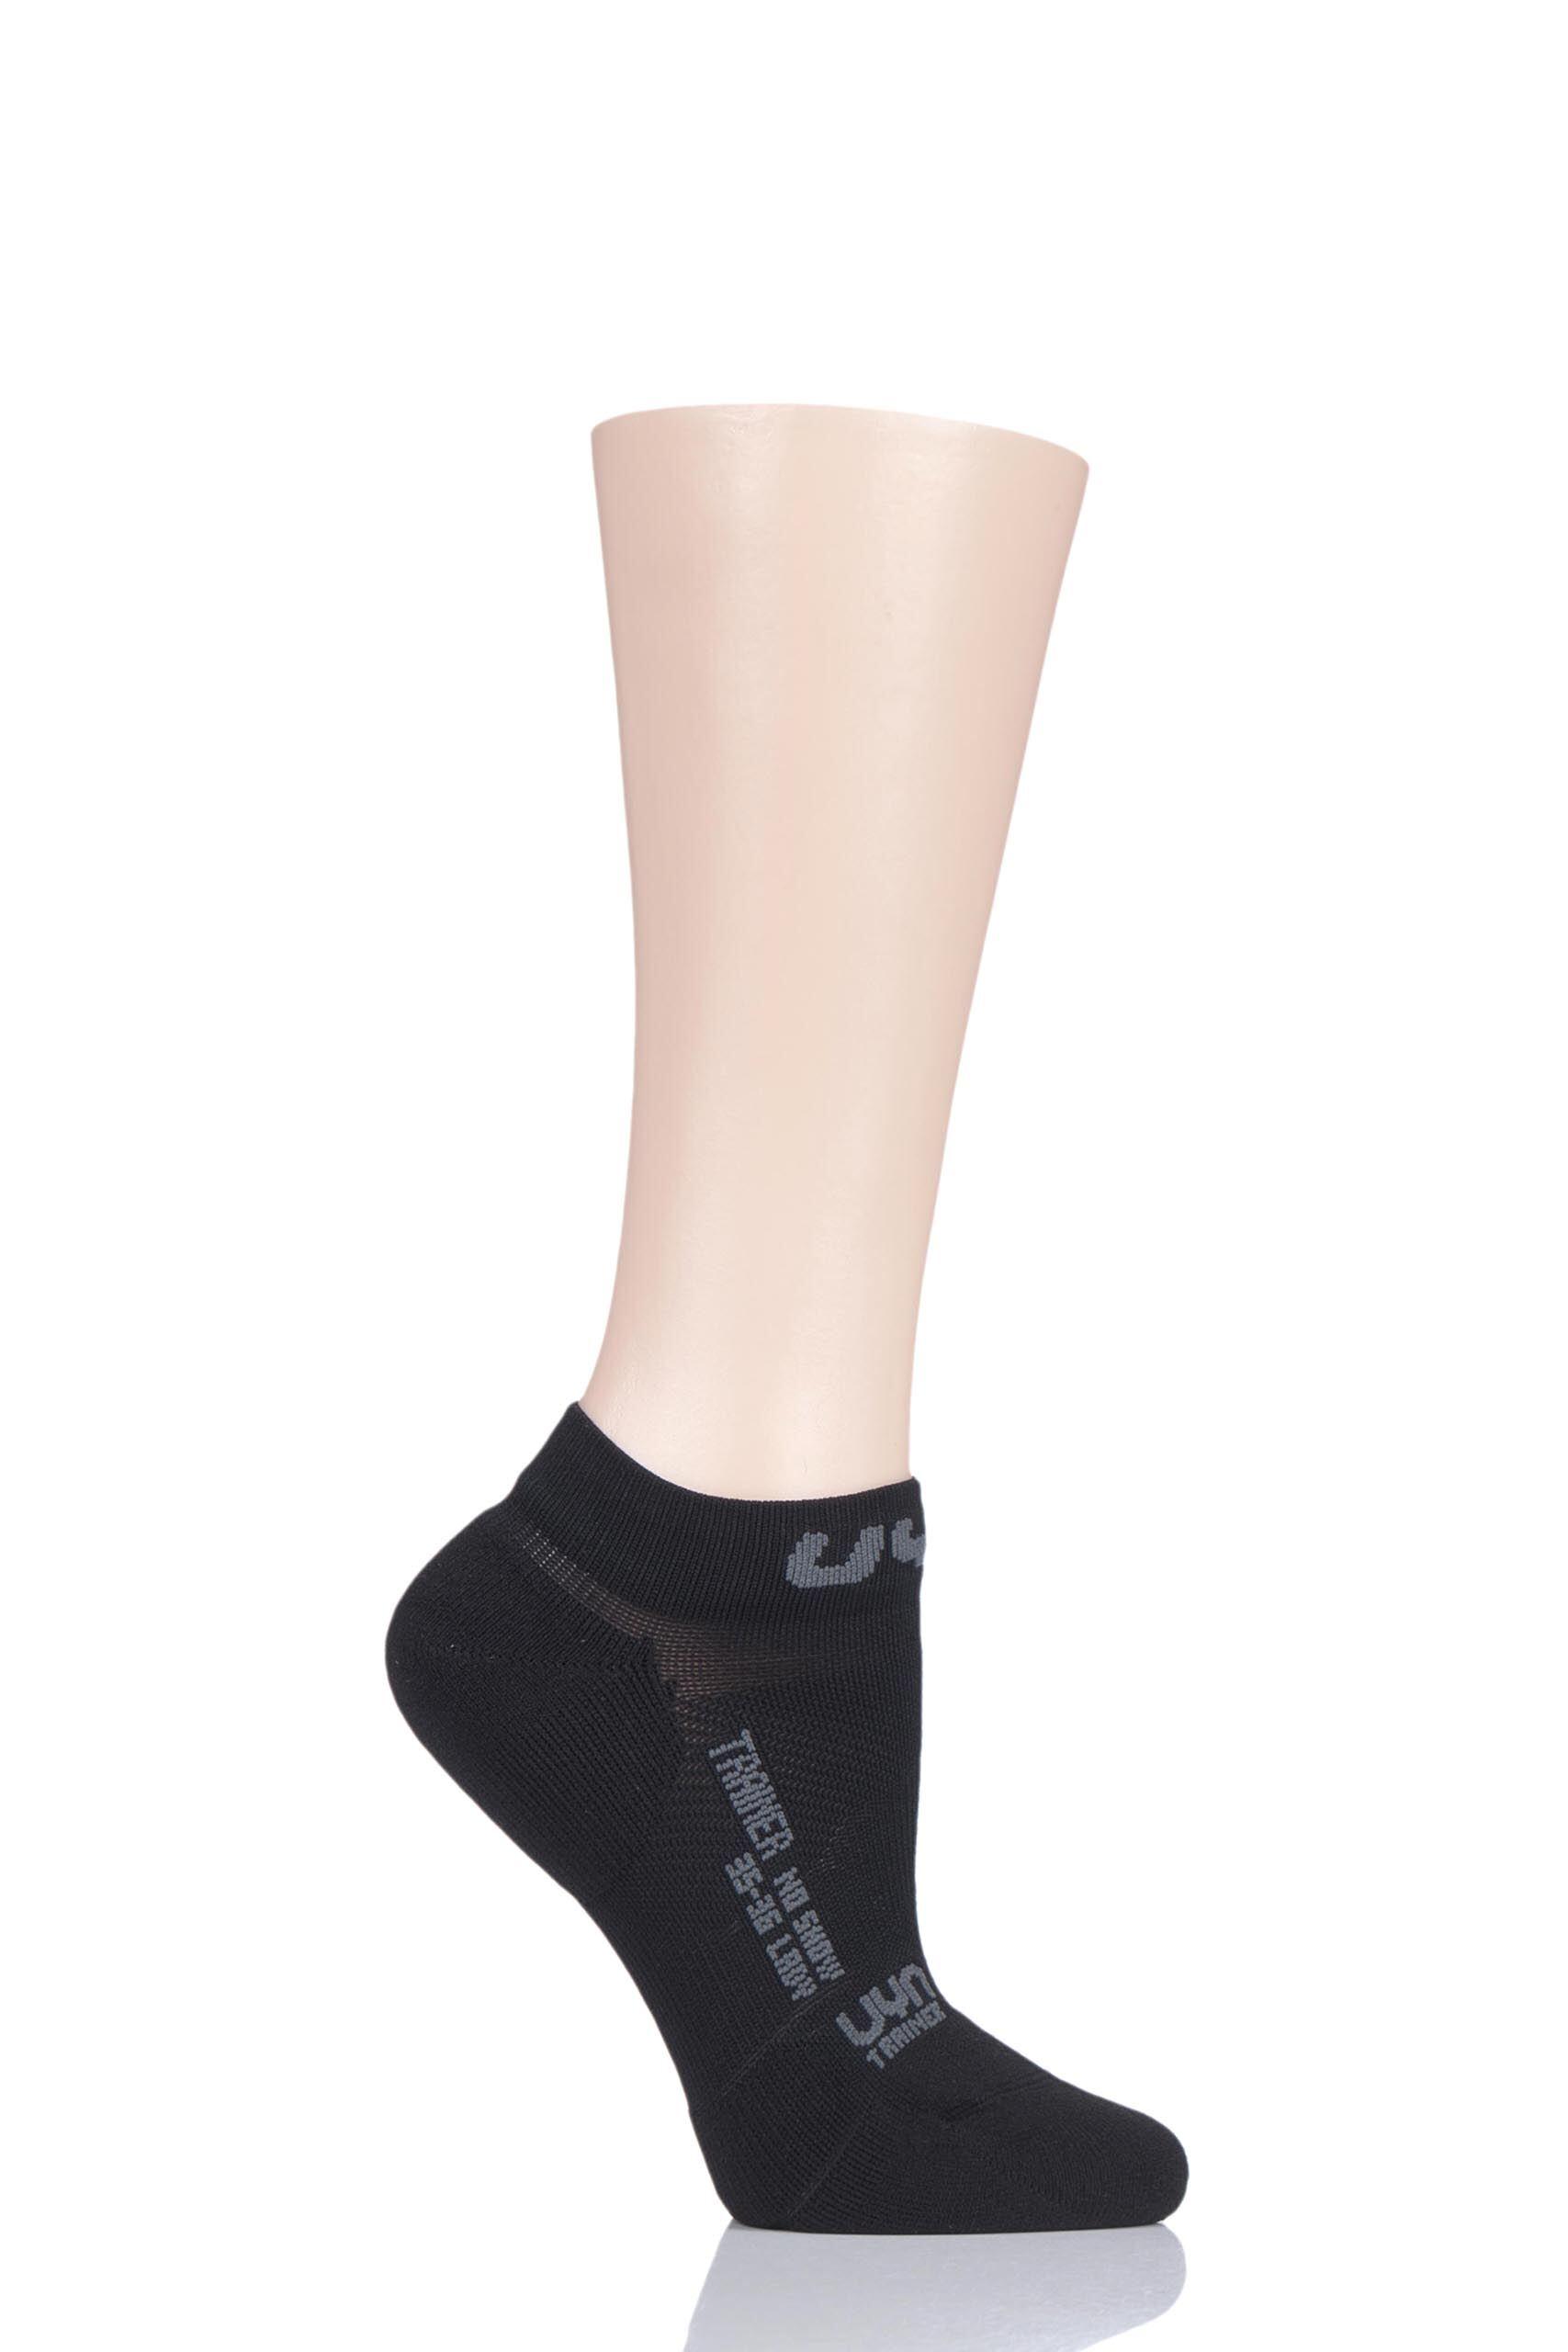 Image of 1 Pair Black No Show Trainer Socks Ladies 5.5-6.5 Ladies - UYN